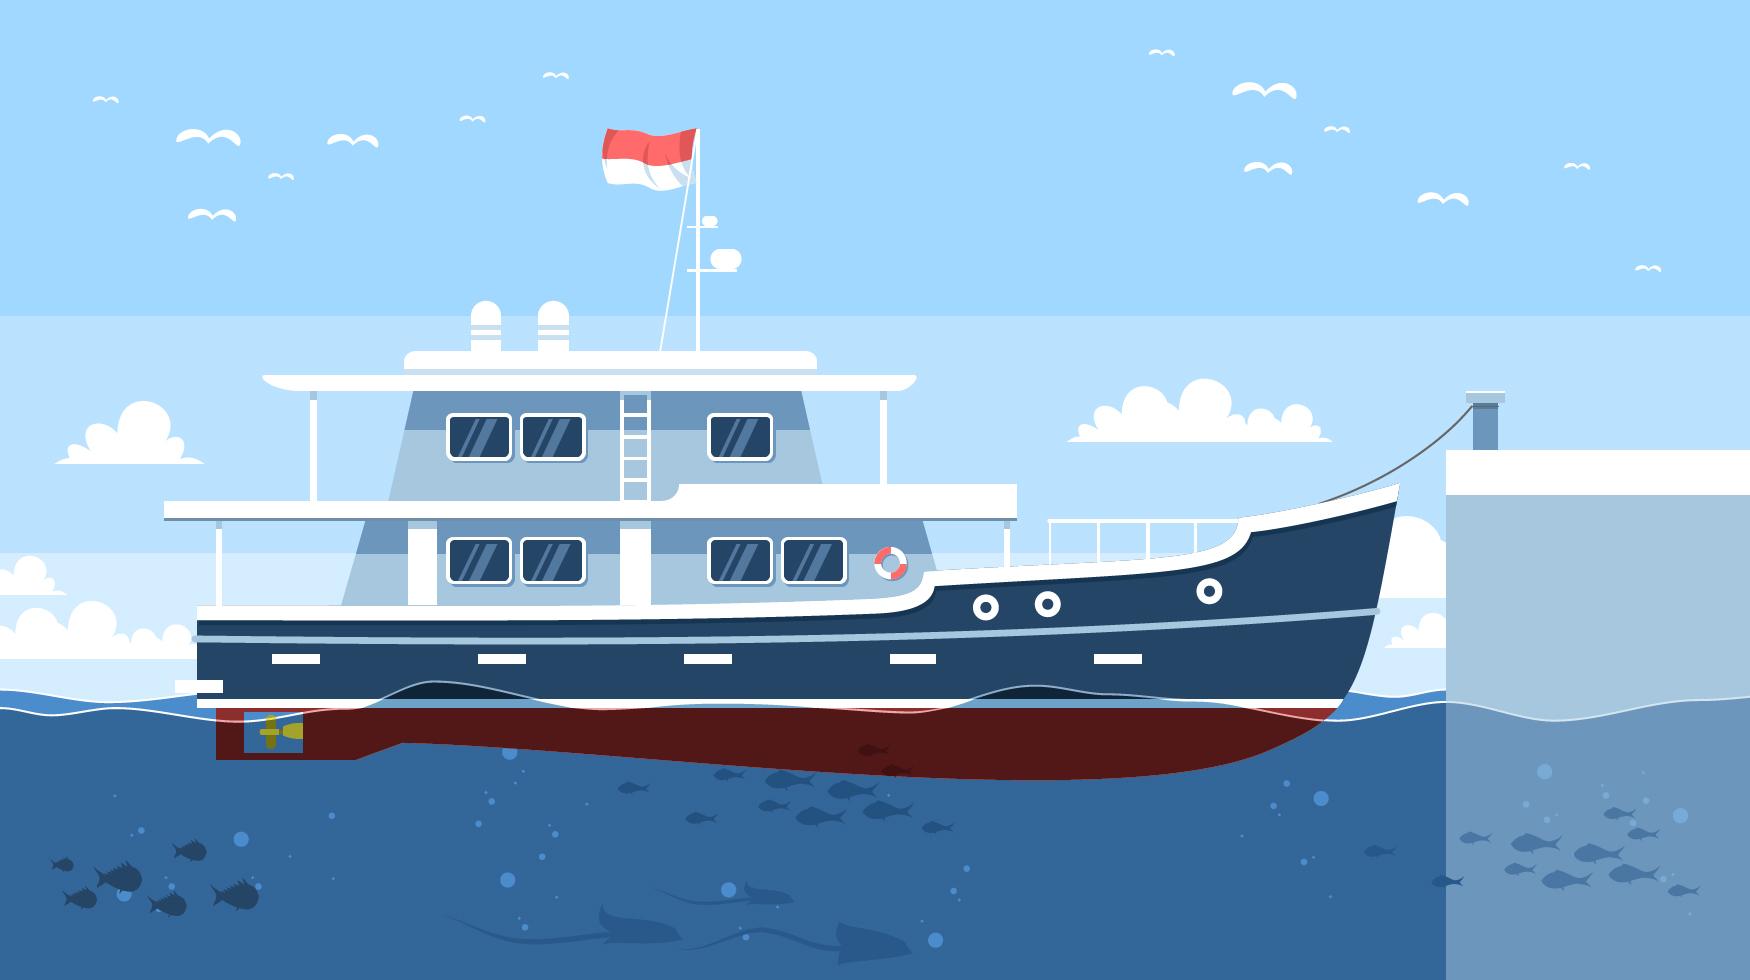 船卡通 免費下載 | 天天瘋後製